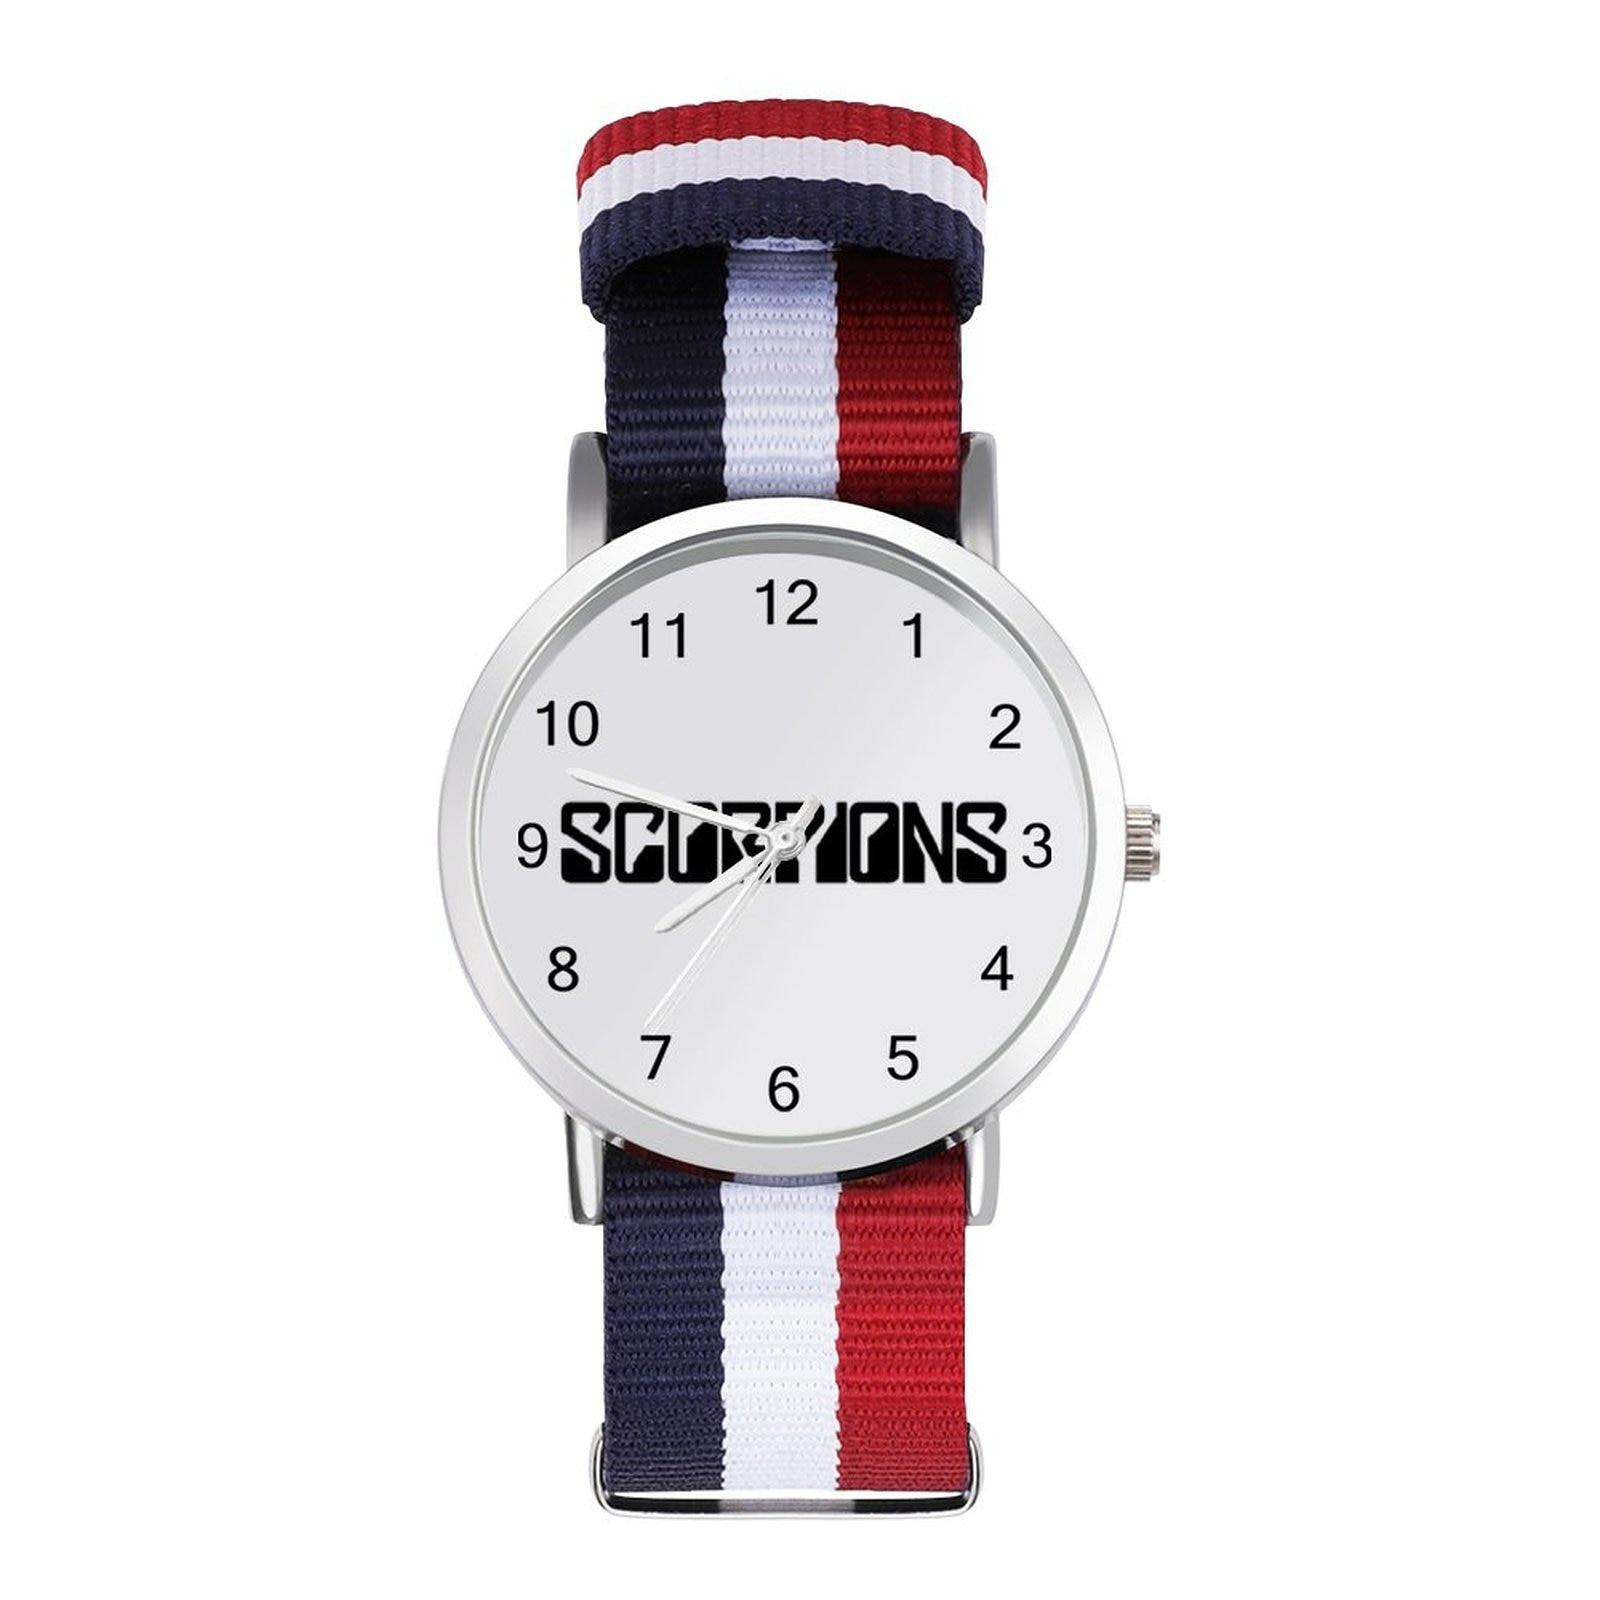 Скорпион кварцевые часы эстетические фото наручные часы для дома новые мужские наручные часы